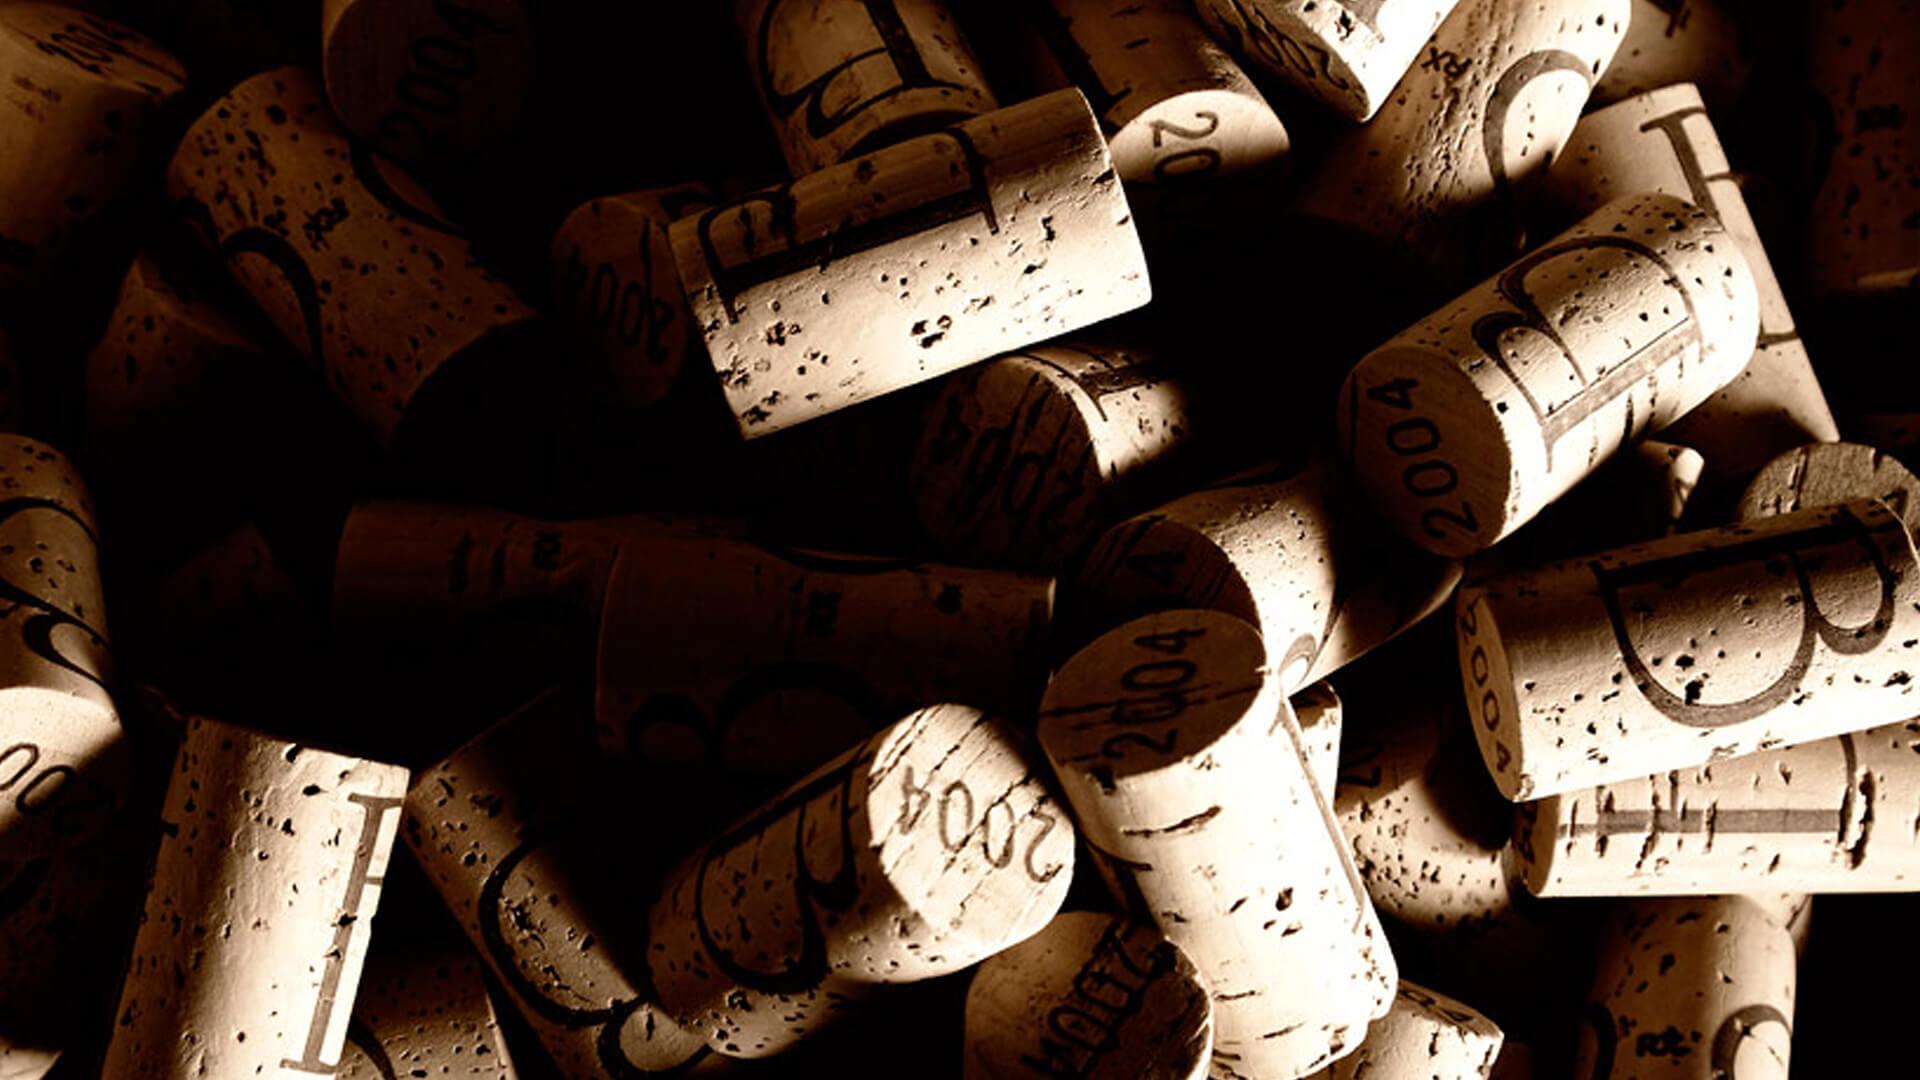 Bodega Biniagual wine work